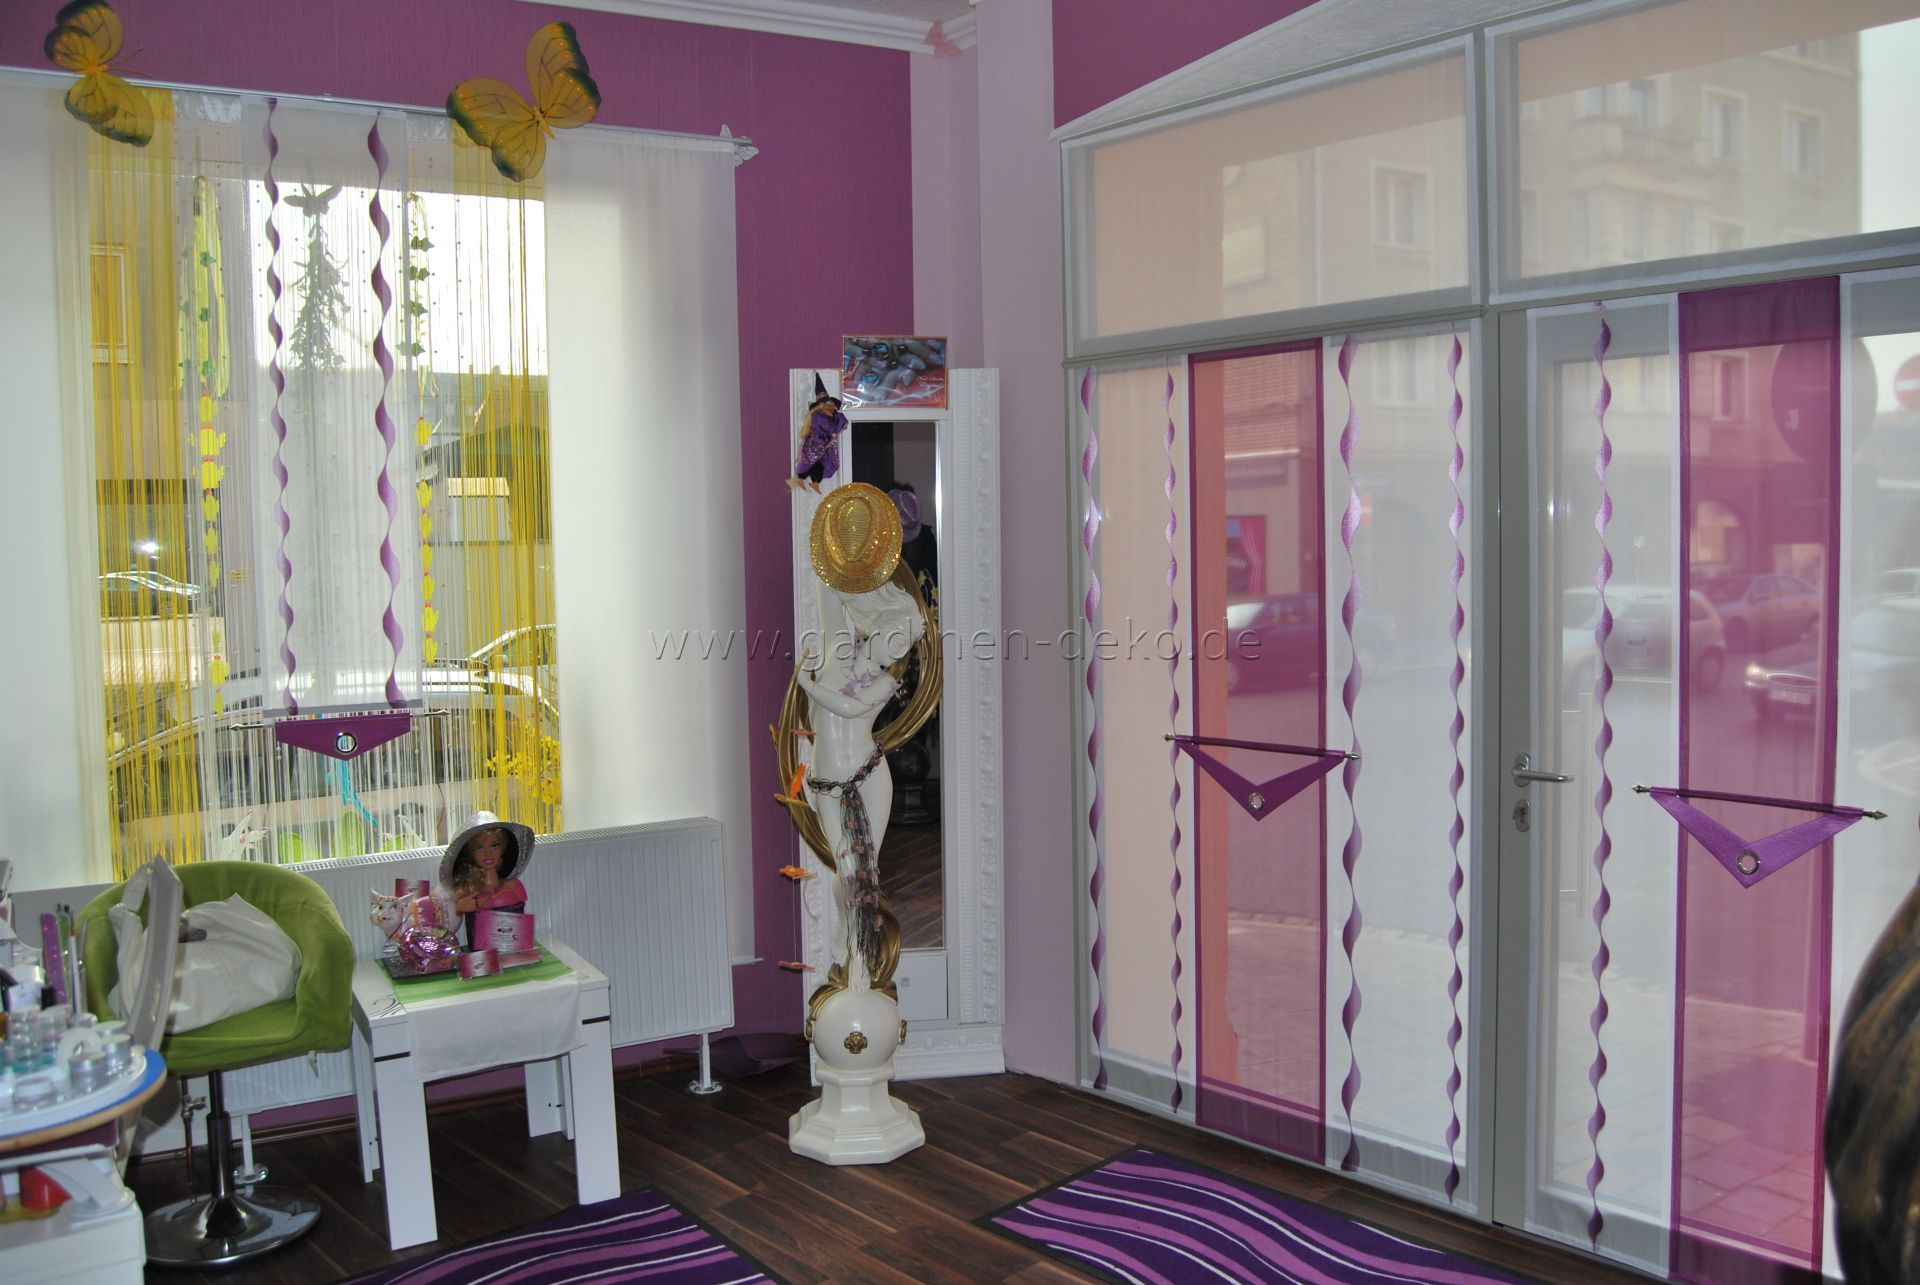 Schiebevorhang im Lametta Stil und festmontierter Design